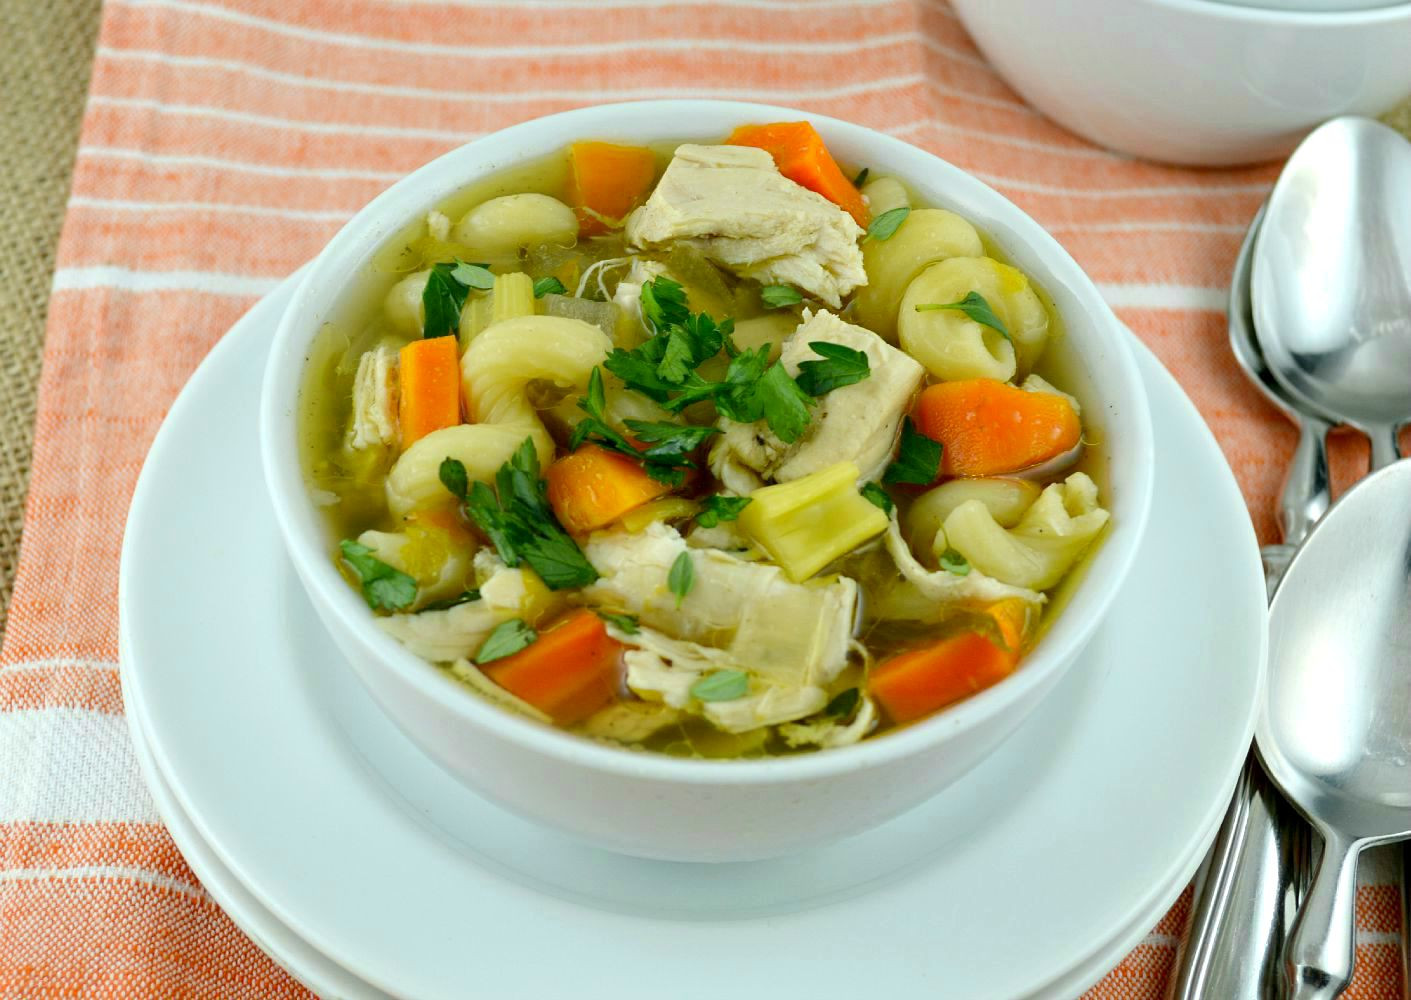 Healthy Crockpot Chicken Noodle Soup  Crock Pot Chicken Noodle Soup Gonna Want Seconds